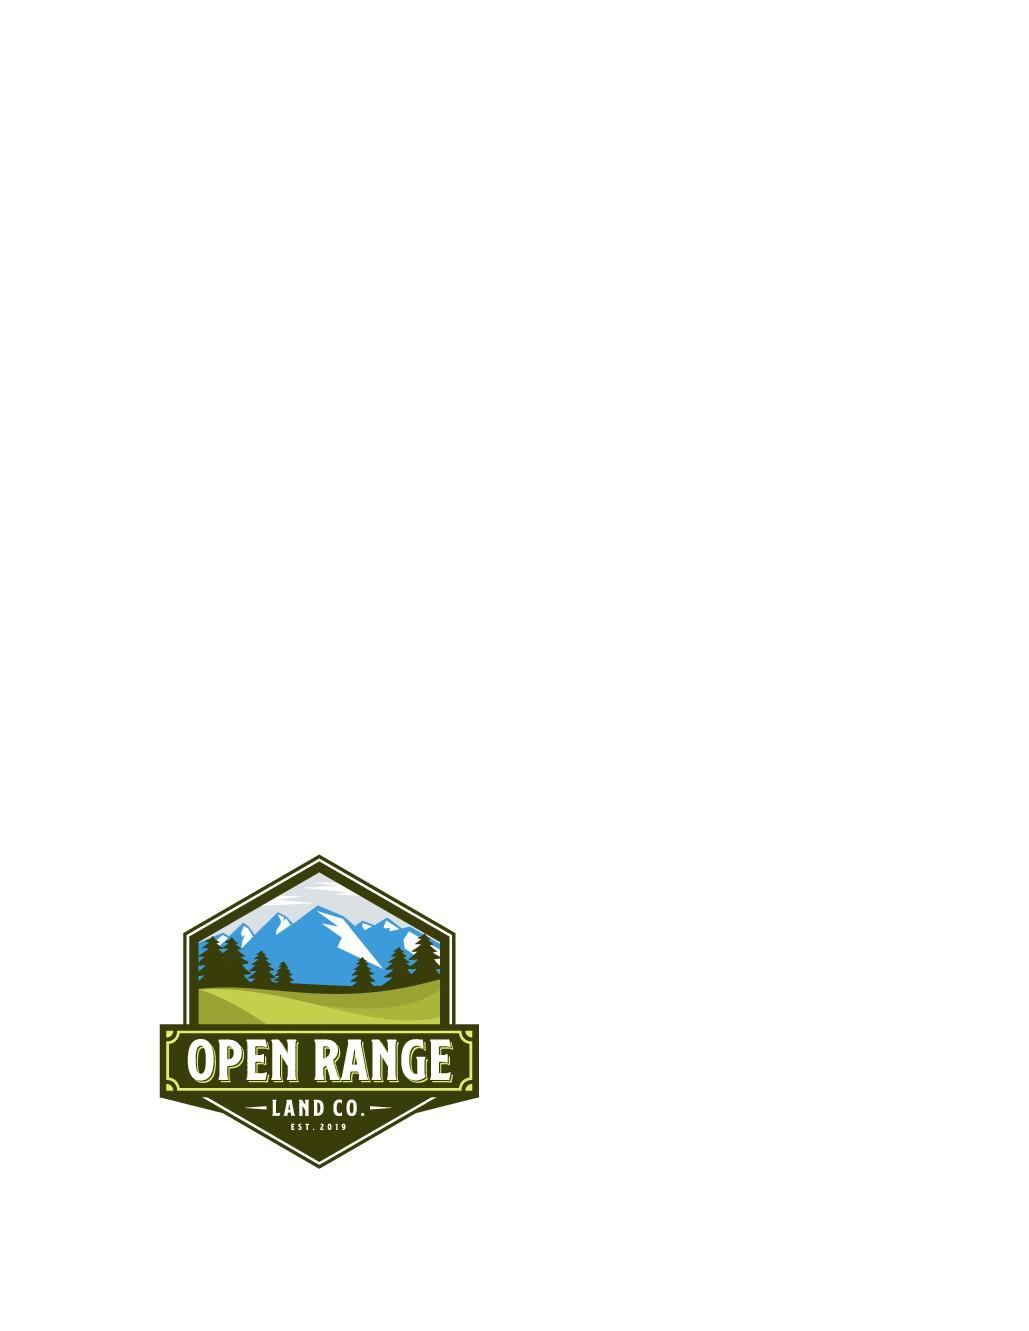 Open Range Land Co. logo design